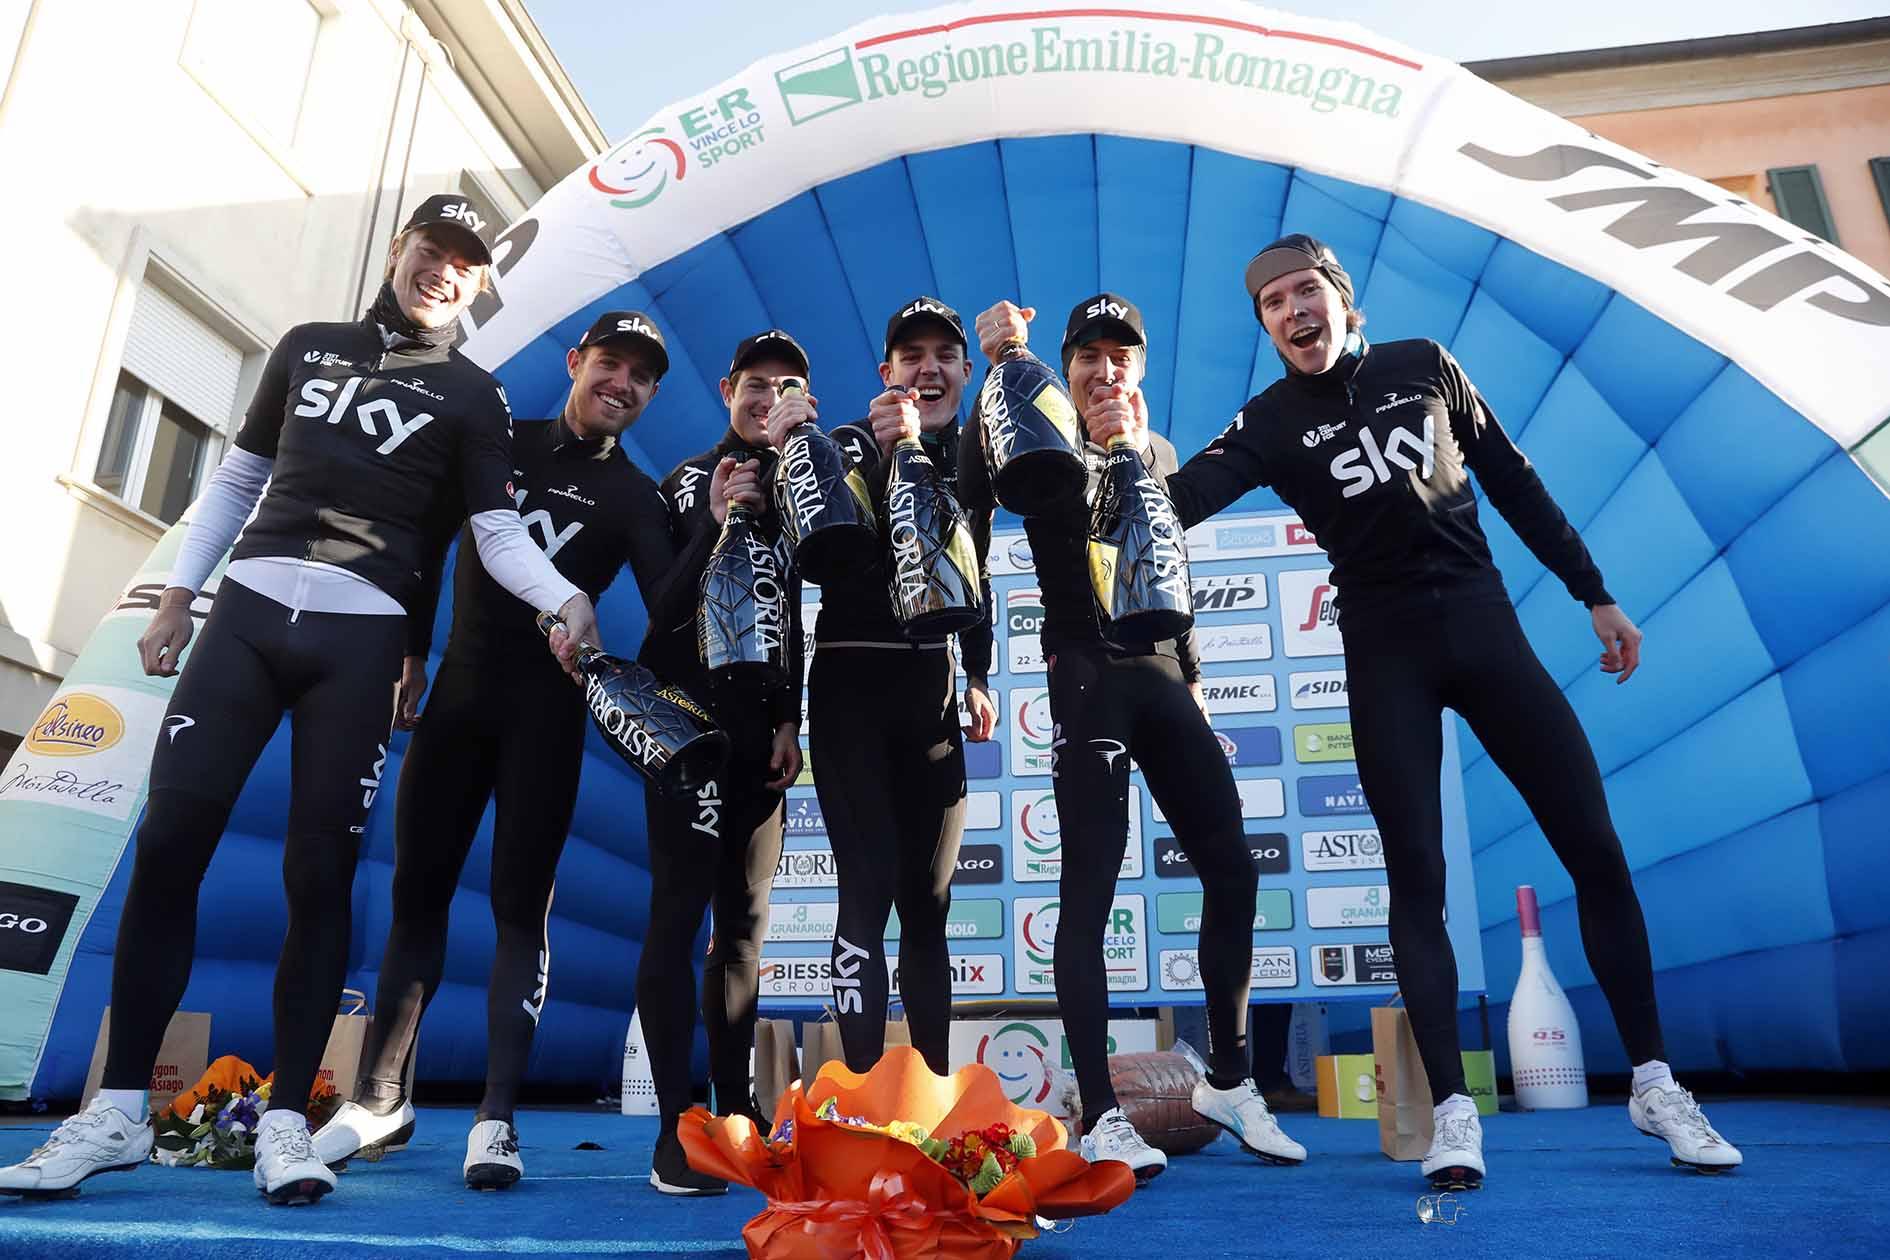 Il Team Sky vince la cronosquadre della Settimana Coppi e Bartali 2018 (foto Bettini)